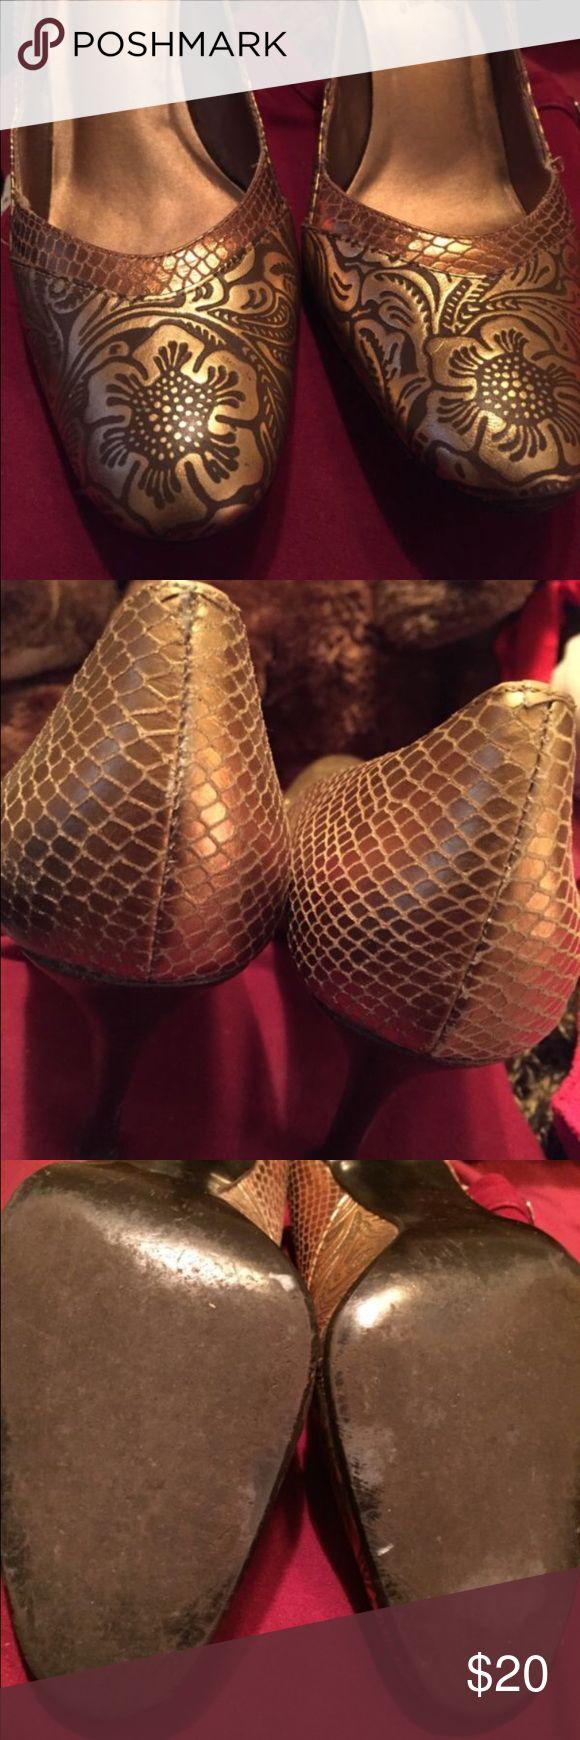 Carlos Santana Gold Floral Pumps Size 8 M Heels Carlos Santana Gold Floral Pumps Size 8M High Heels Carlos Santana Shoes Heels